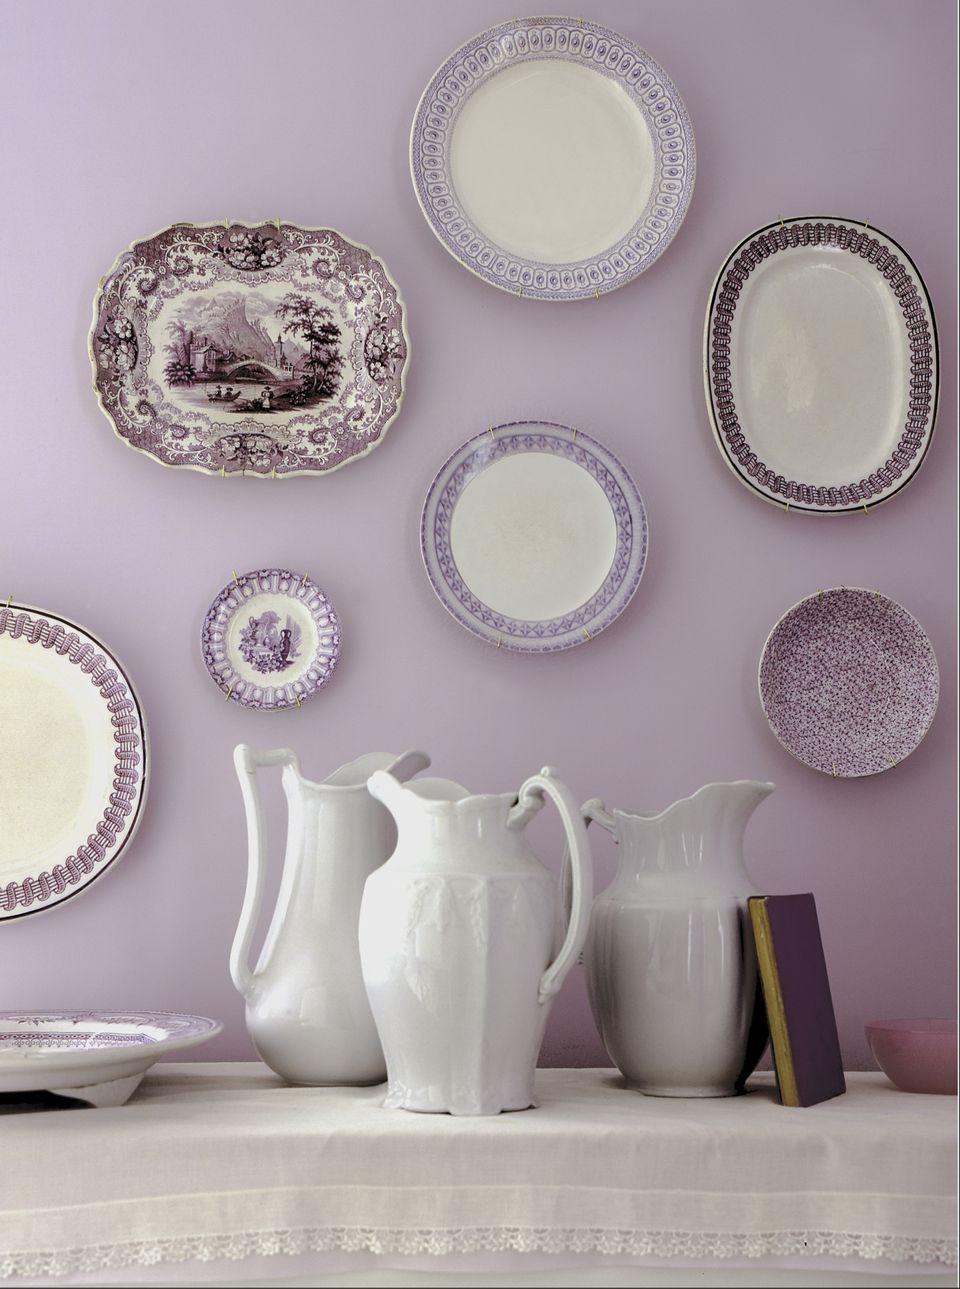 Antique plates + pitchers